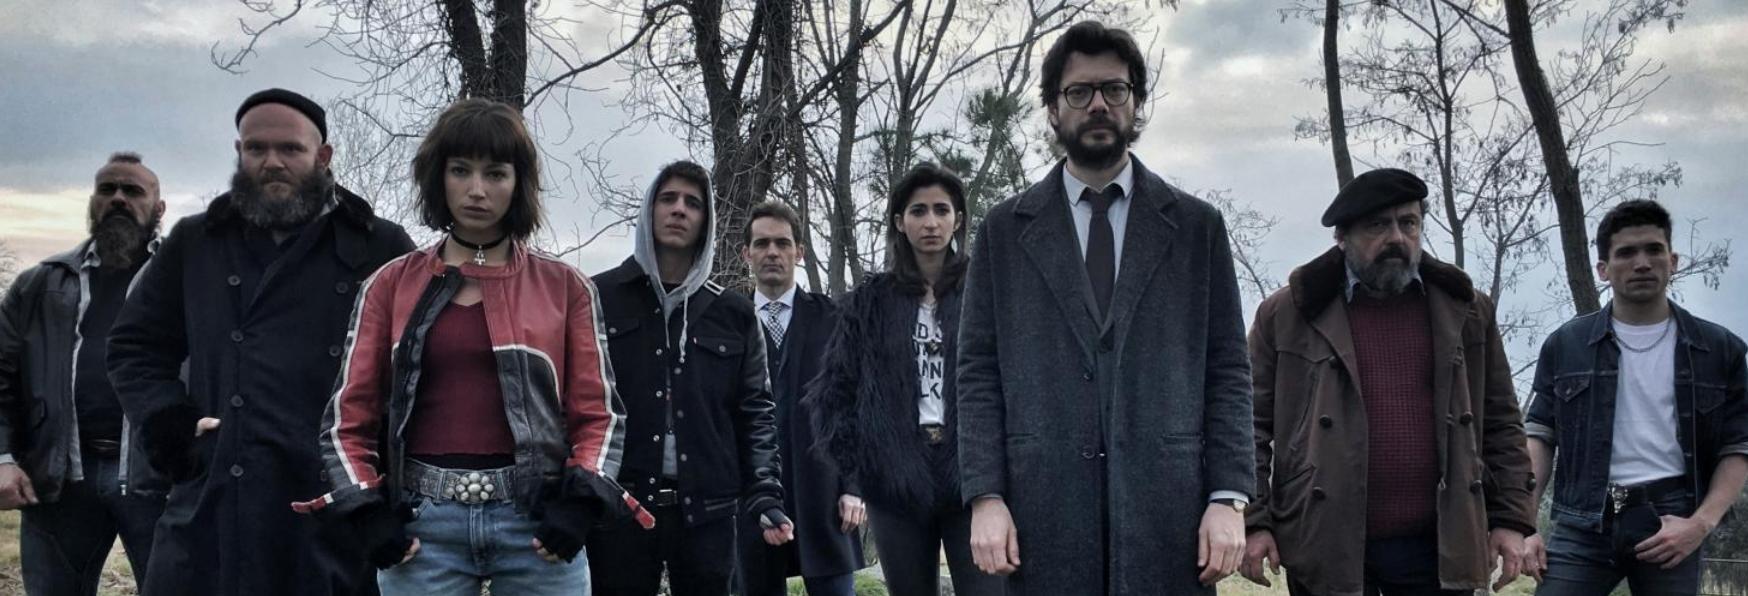 La Casa di Carta: la Recensione della tanto attesa Terza parte della Serie Netflix